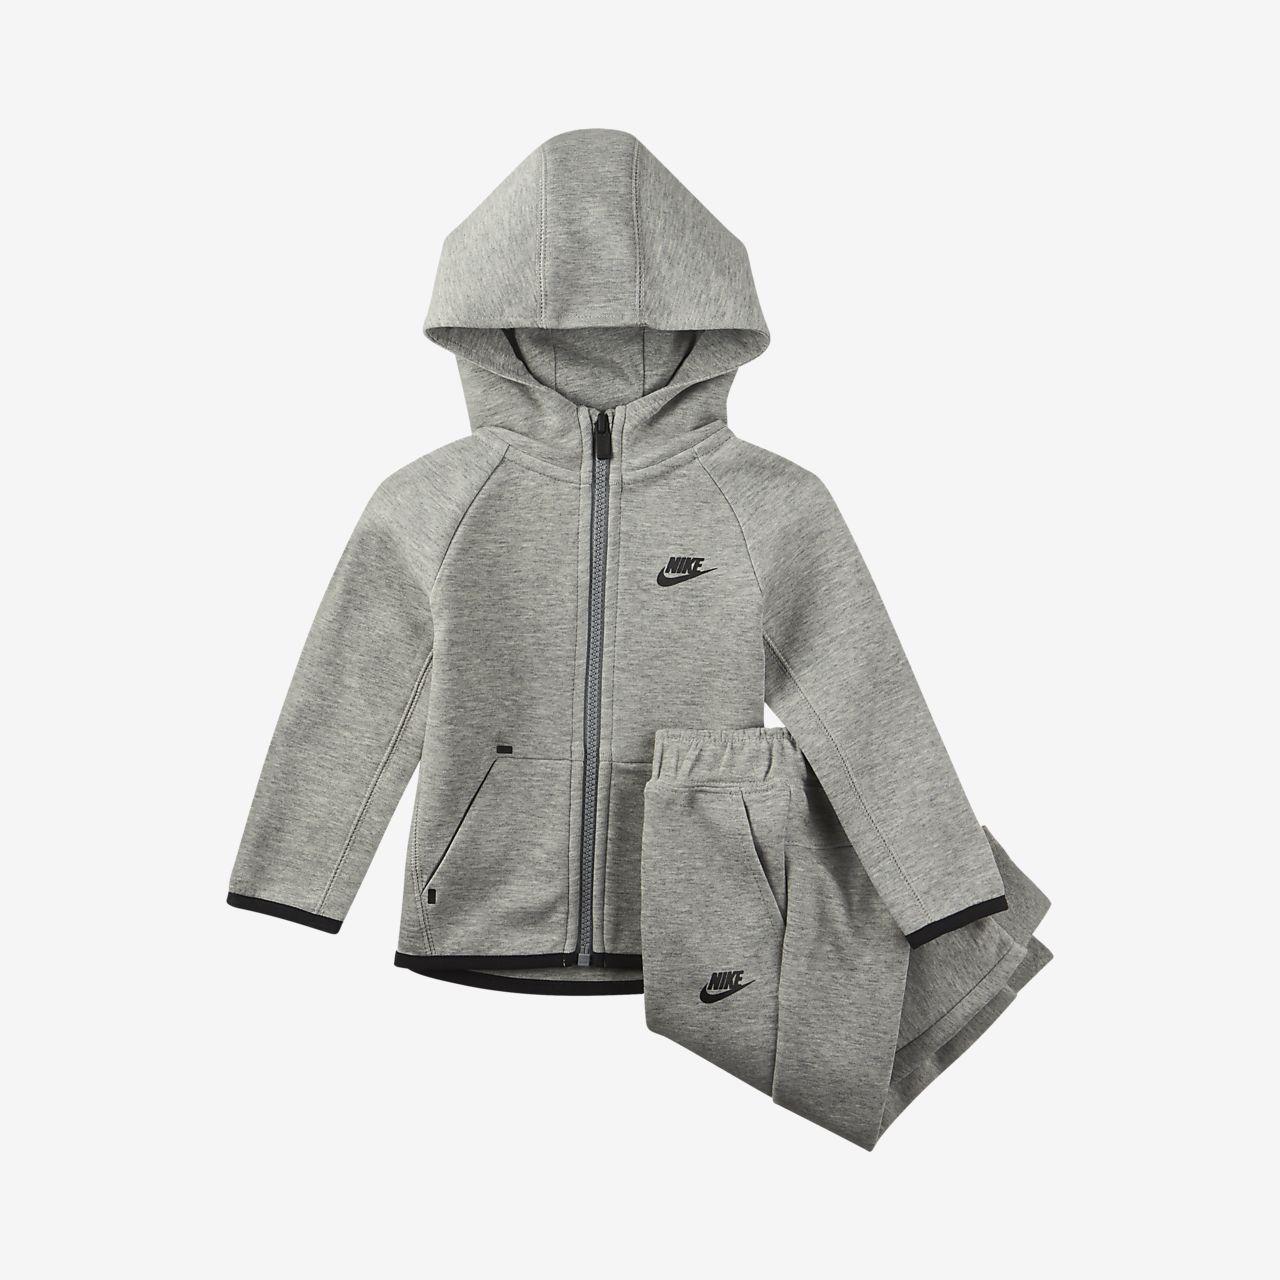 Nike Sportswear Tech Fleece Baby (12–24M) Hoodie and Joggers Set